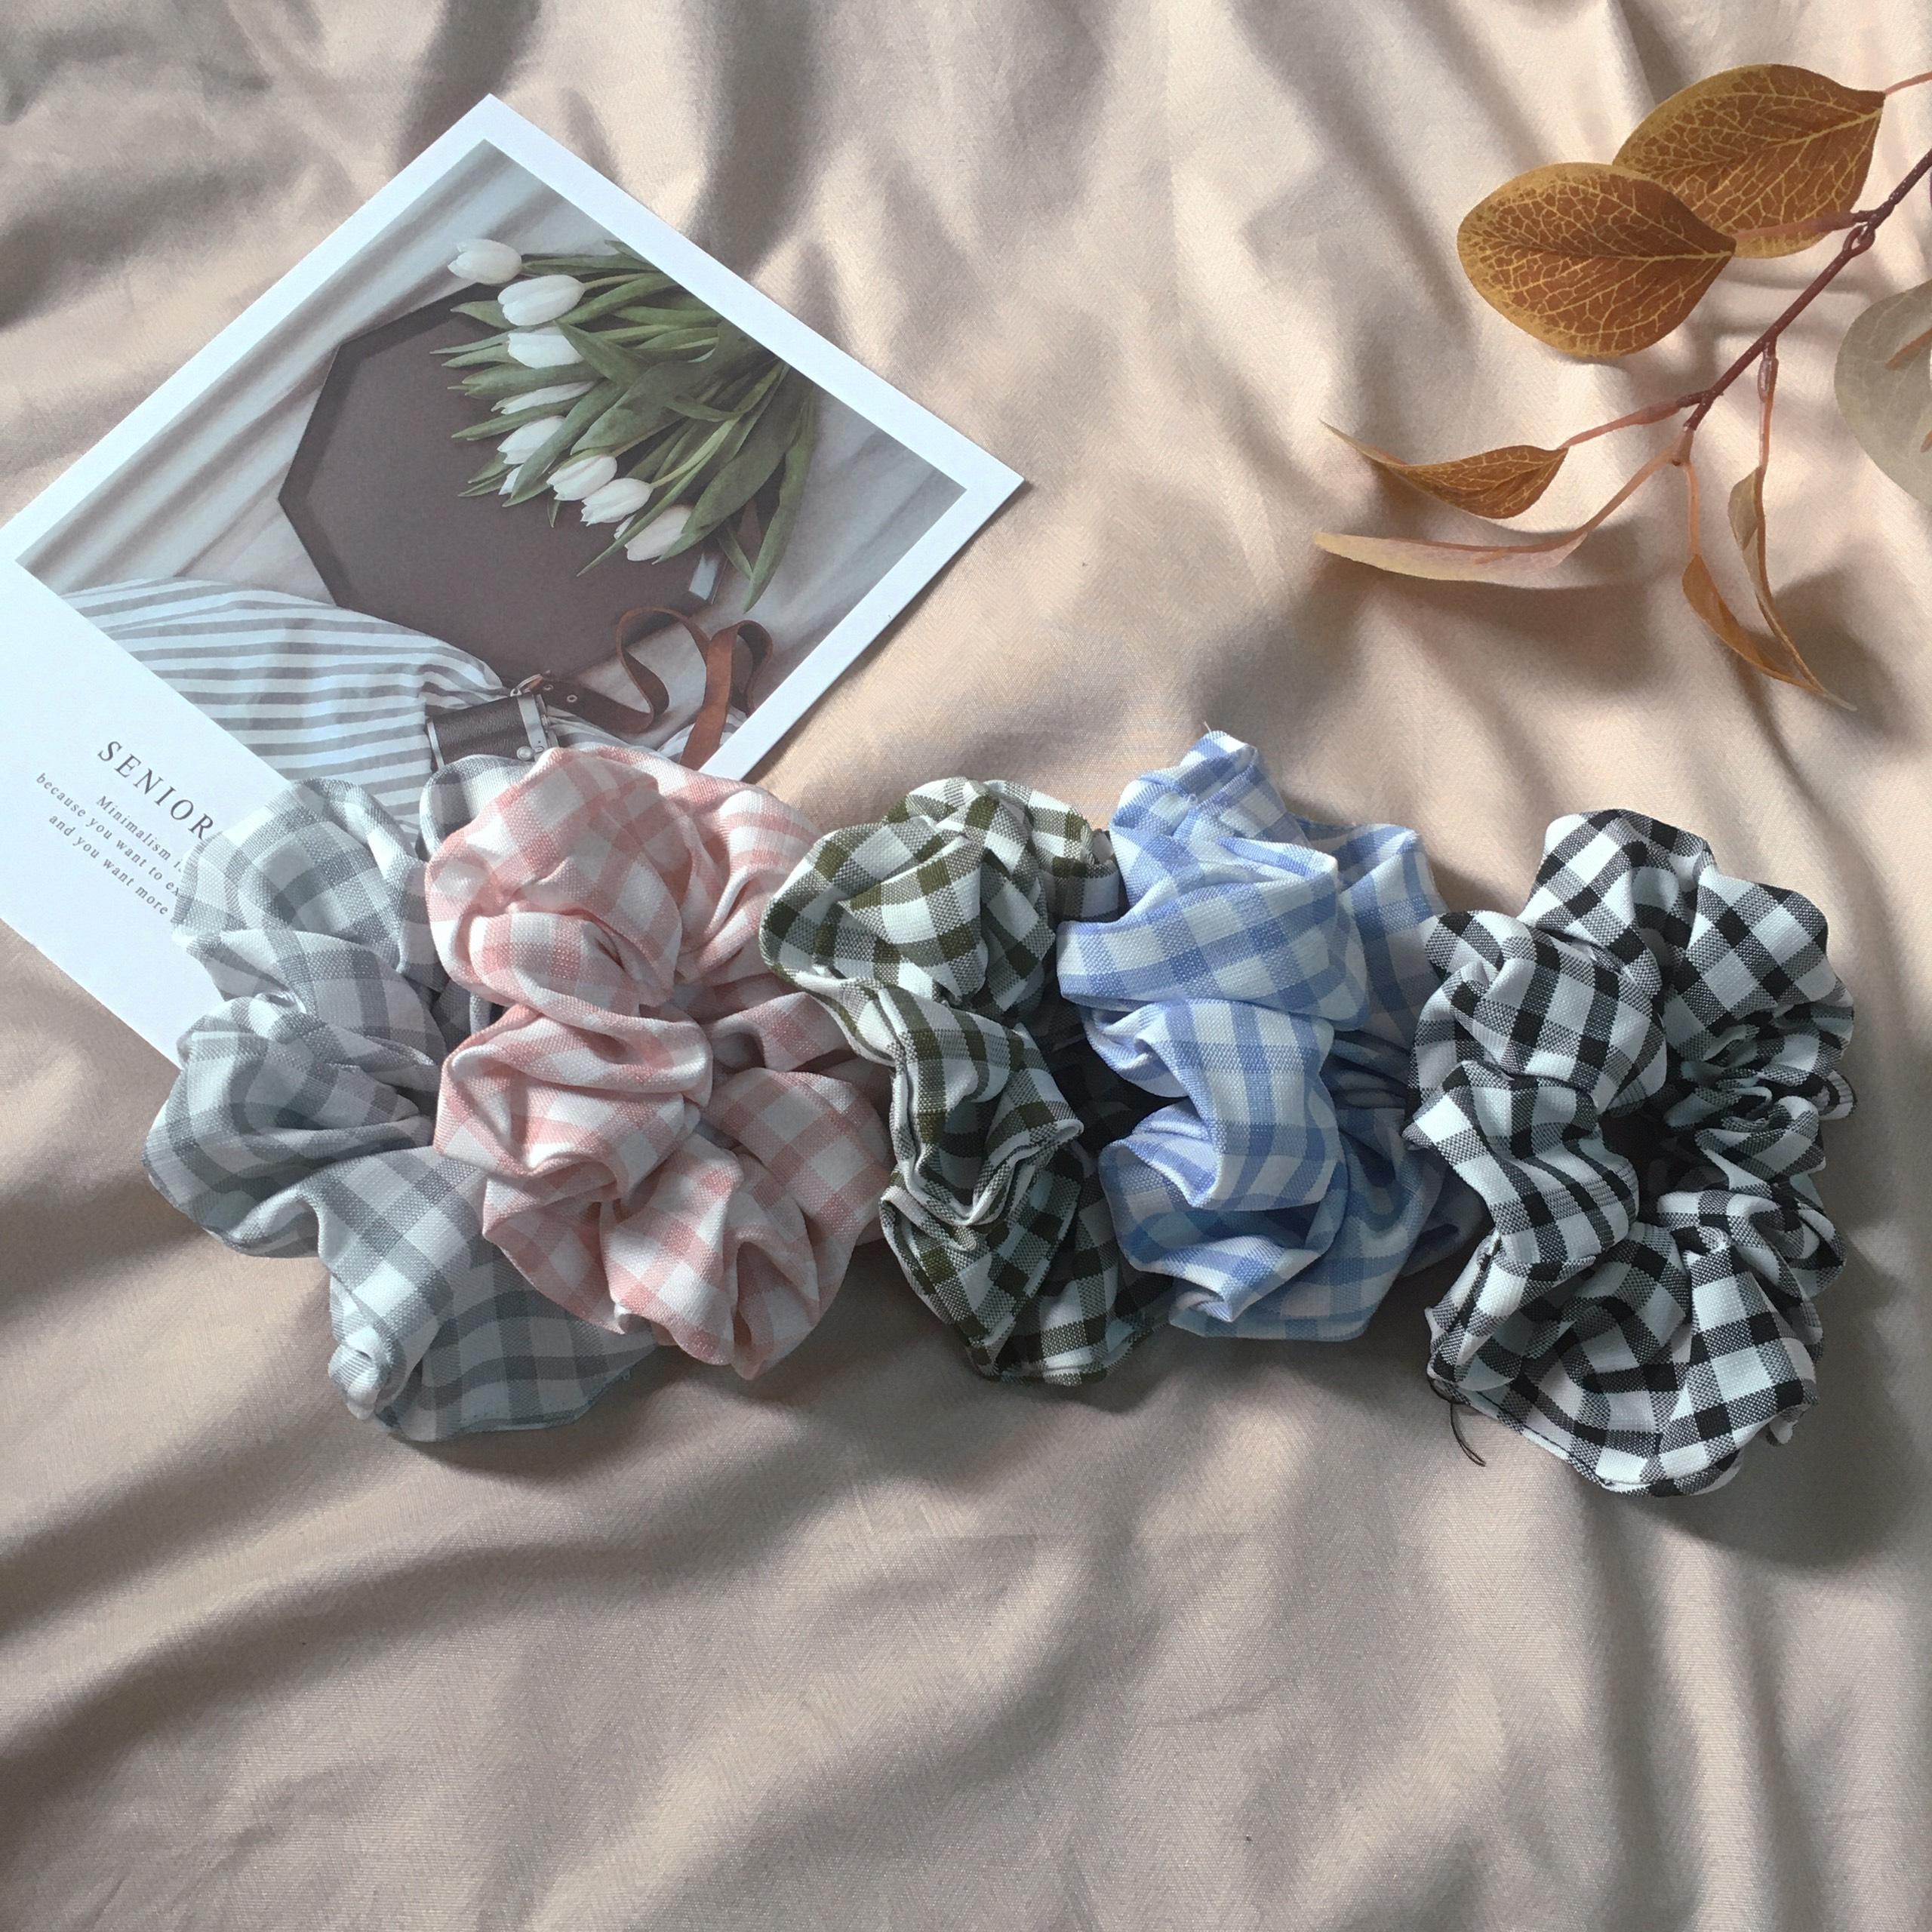 Coupon tại Lazada cho Scrunchies CARO đẹp Xỉu - Phụ Kiện Tóc Nữ Rẻ - Vòng Tay Vải Xinh, Thiết Kế độc đáo, Thời Trang Teen Việt Nam